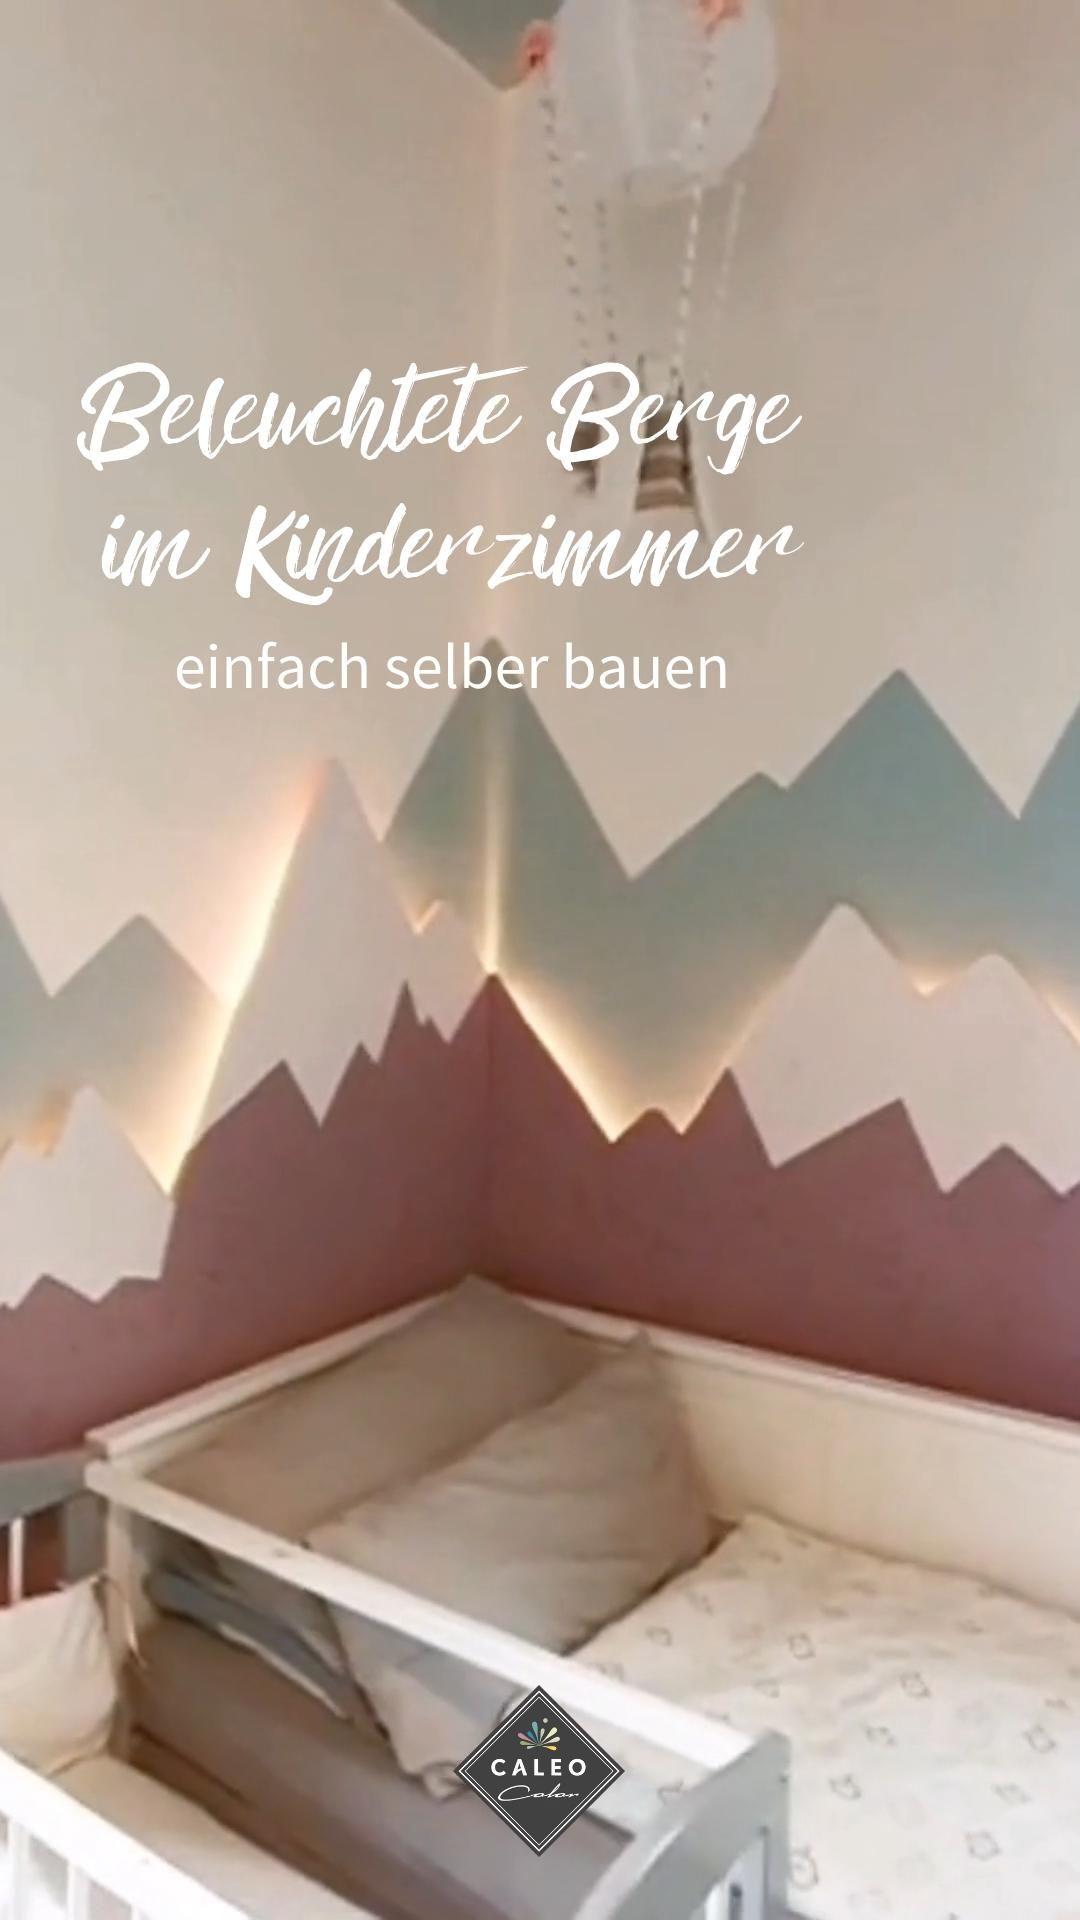 Kinderzimmer: Berge beleuchten Anleitung